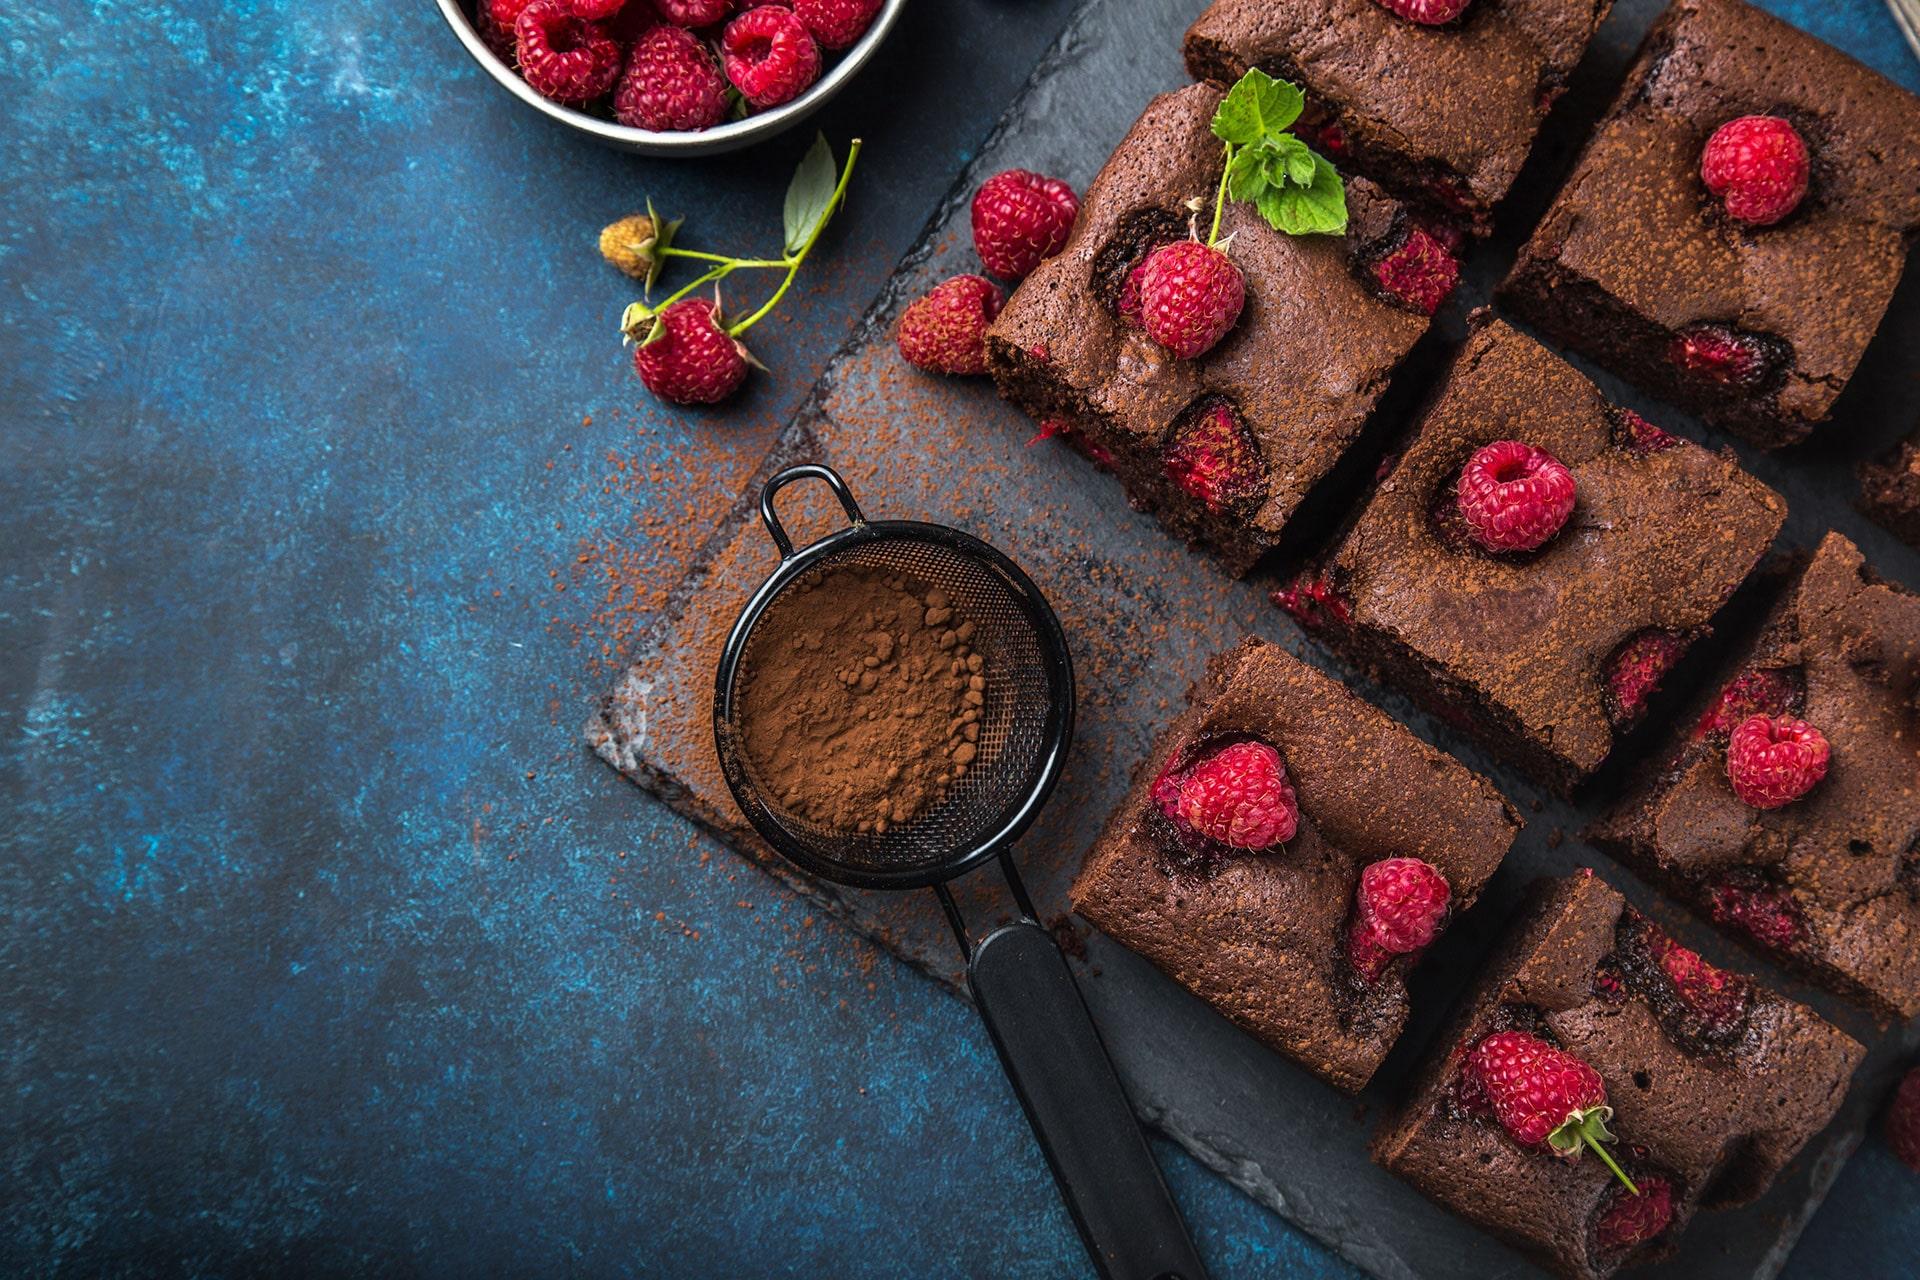 Z czym jeszcze można podać ciasto czekoladowe?